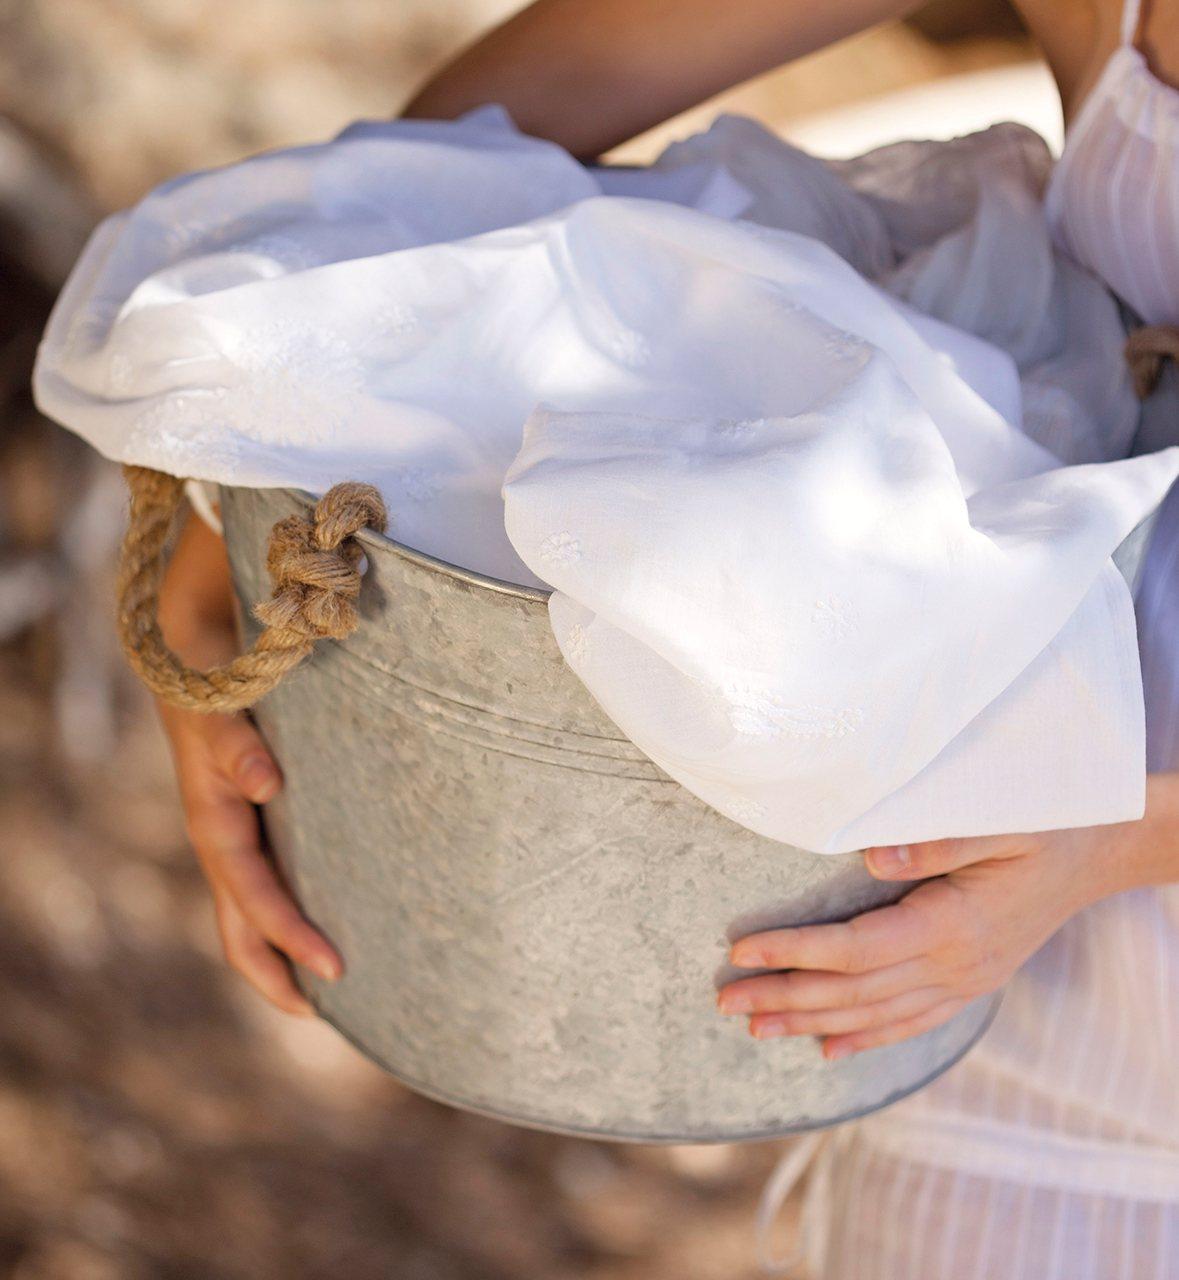 Как отбелить белое белье в домашних условиях кипячением 419